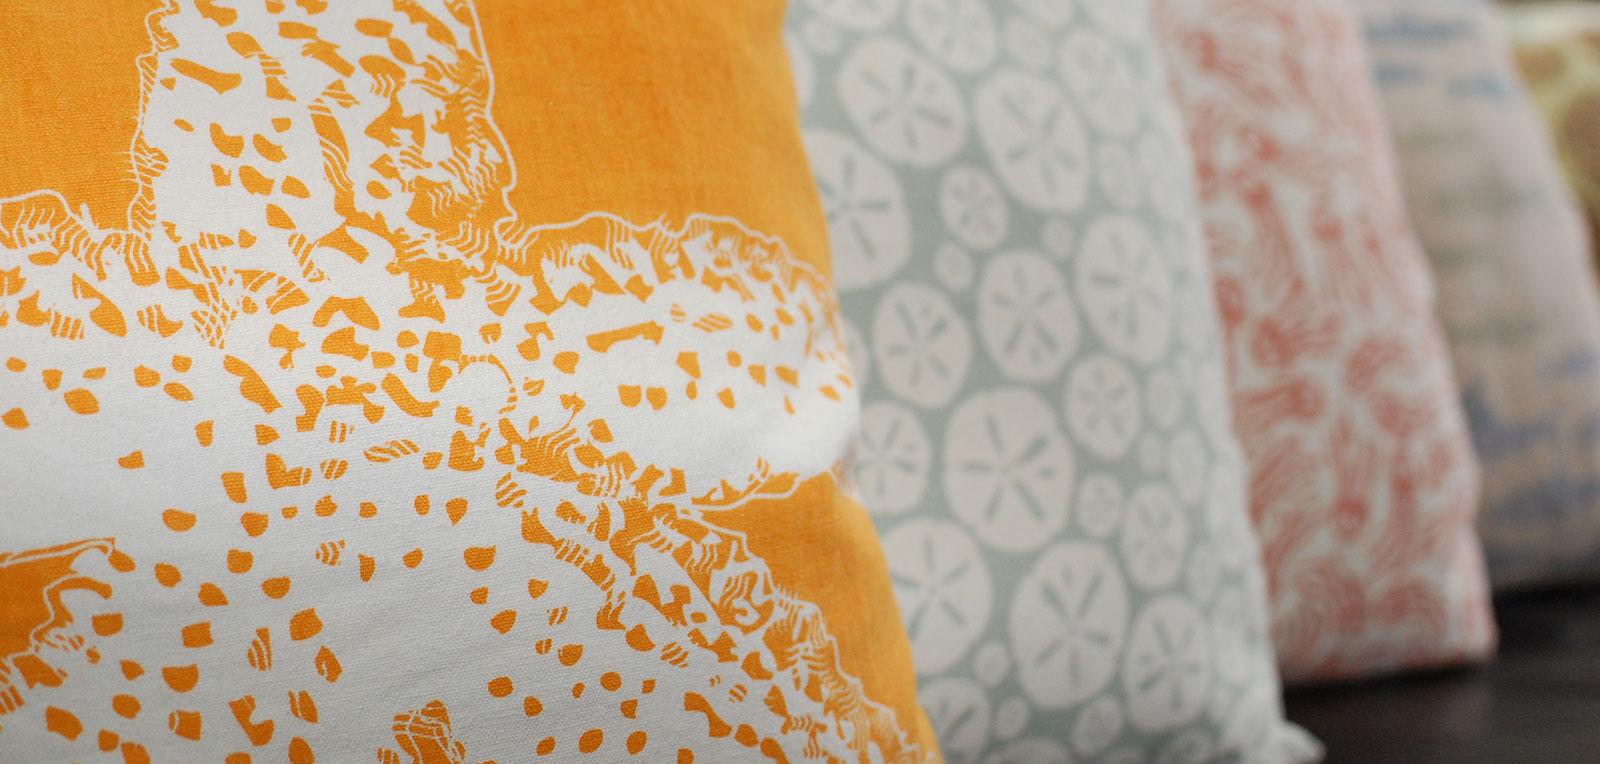 King Private Bath Starfish Pillow | ADMIRAL SIMS B&B, Newport Rhode Island